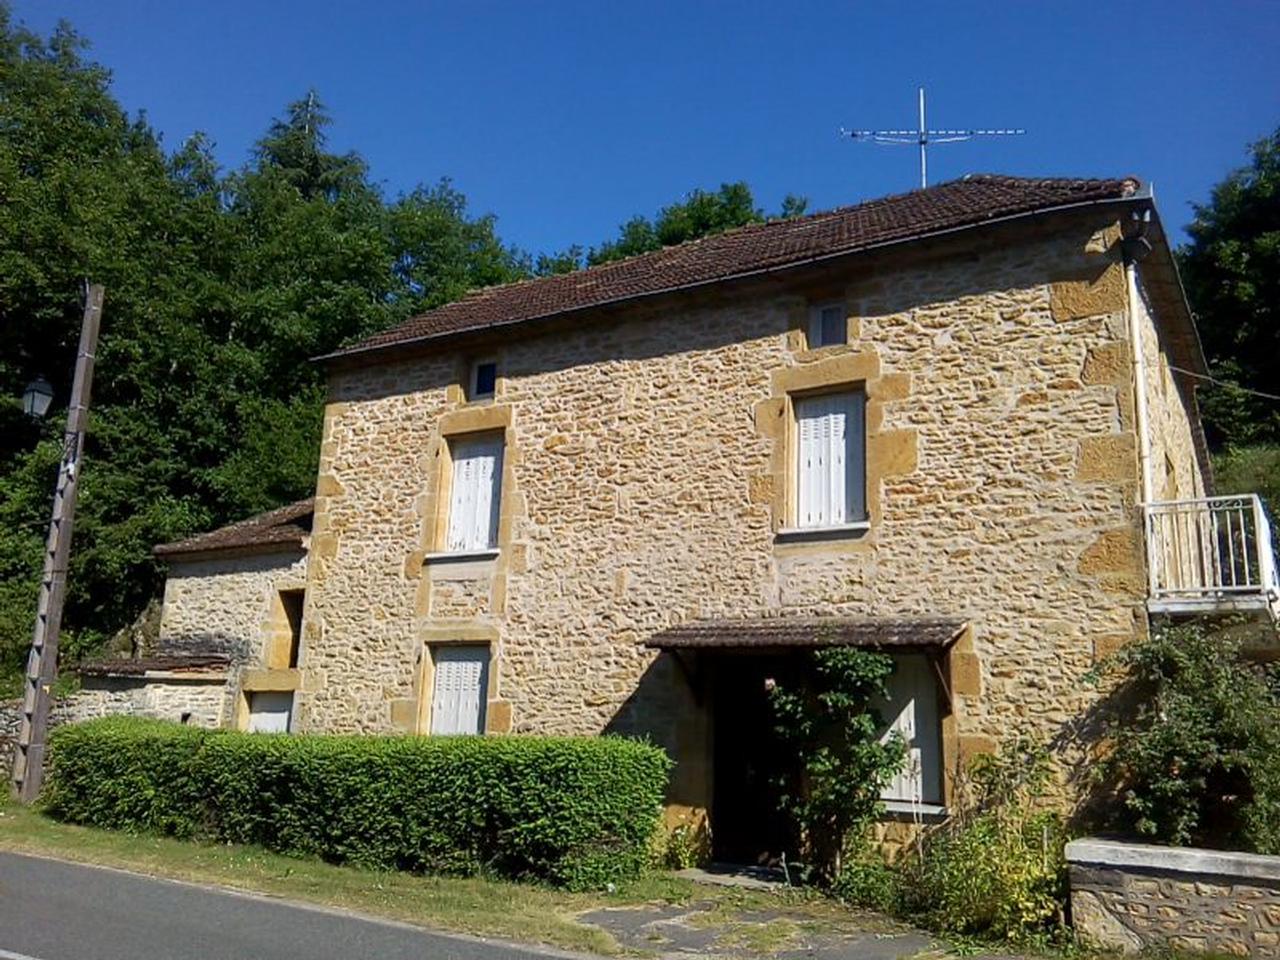 Vente maison en pierre apparente - Garage beausejour la penne sur huveaune ...